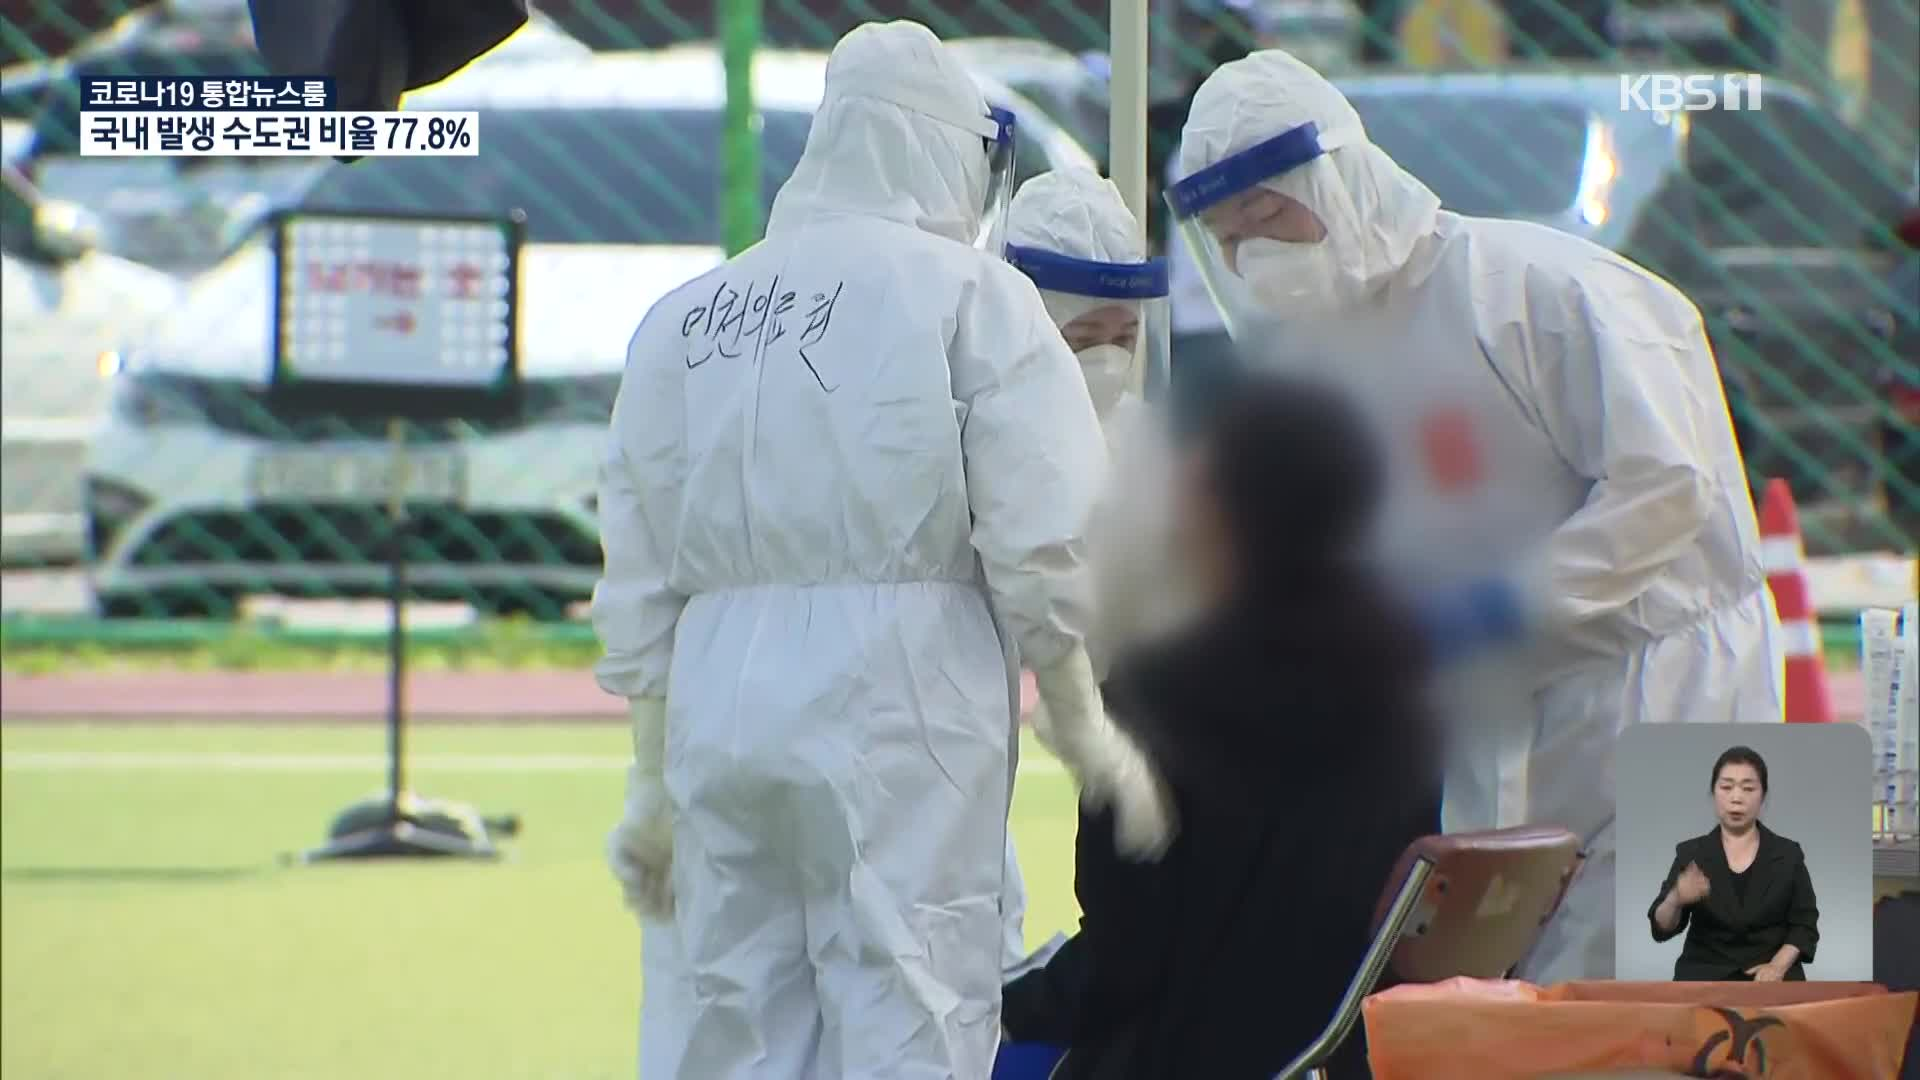 코로나19 주말 최다 확진…수도권 감염, 전국 확산 우려